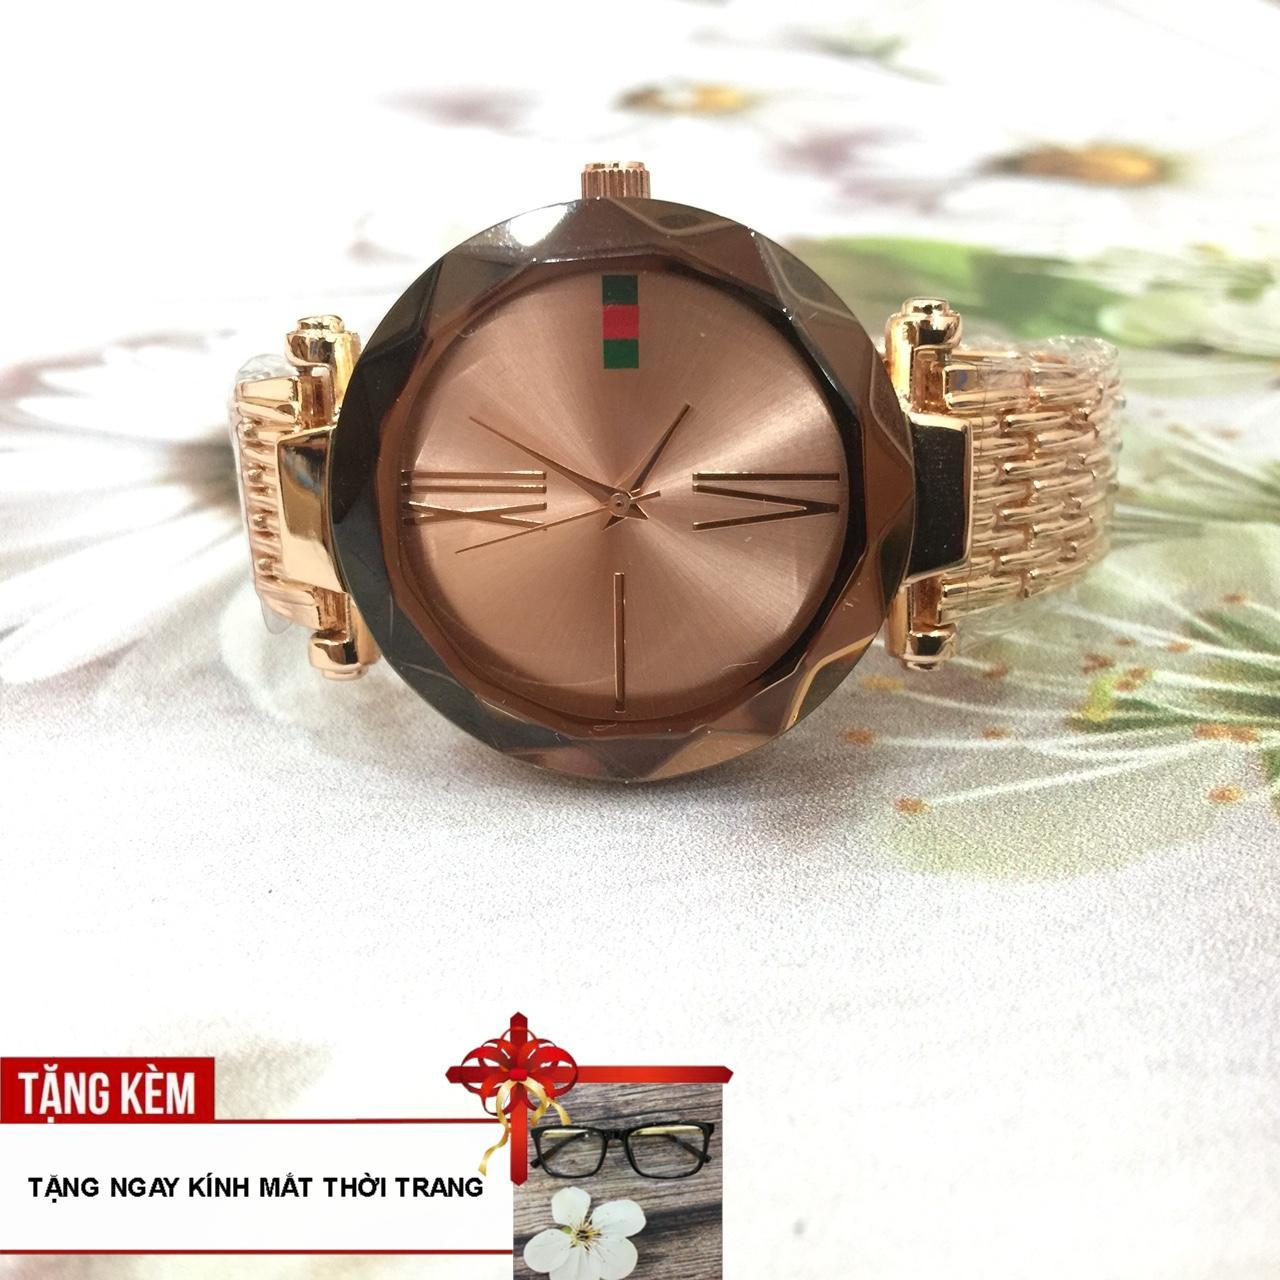 Nơi bán [NHÌN LÀ MÊ - TẶNG NGAY KÍNH MON THỜI TRANG] Đẹp lung linh cùng với chiếc đồng hồ nữ dây thép mặt viền trơn chạy 3 kim A184-55